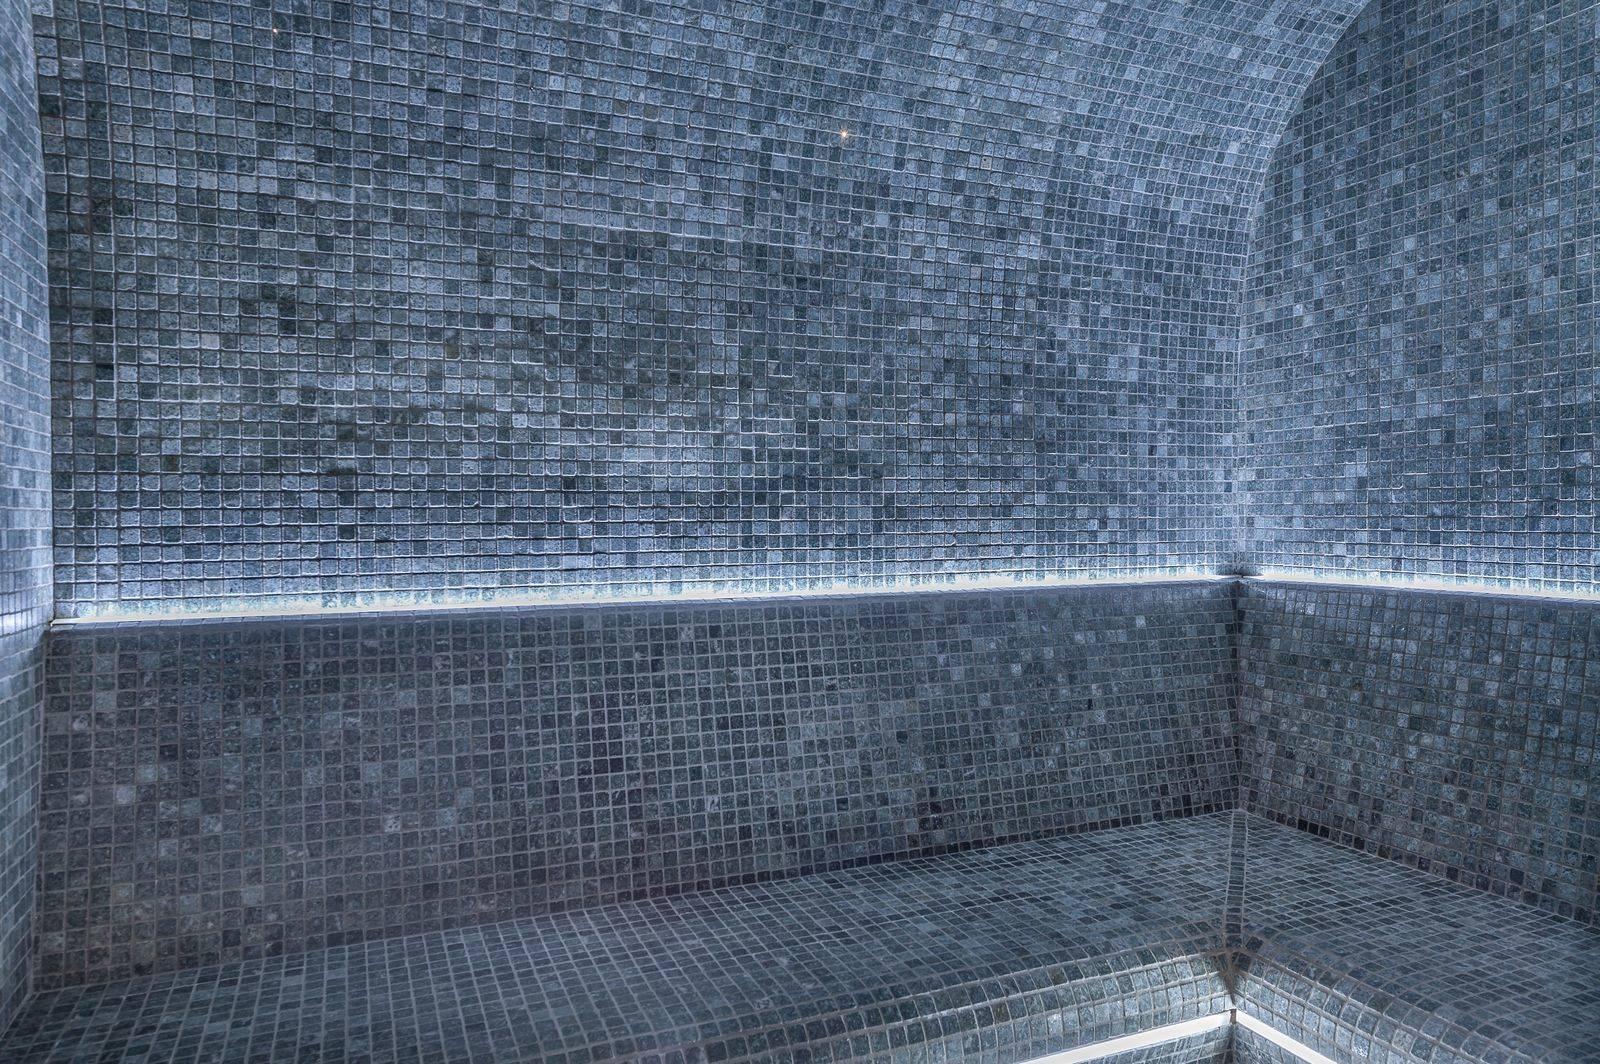 Lovelydays luxury service apartment rental - Megève - Senses Chalet - Partner - 6 bedrooms - 6 bathrooms - Jacuzzi - ef7ef7793cae - Lovelydays